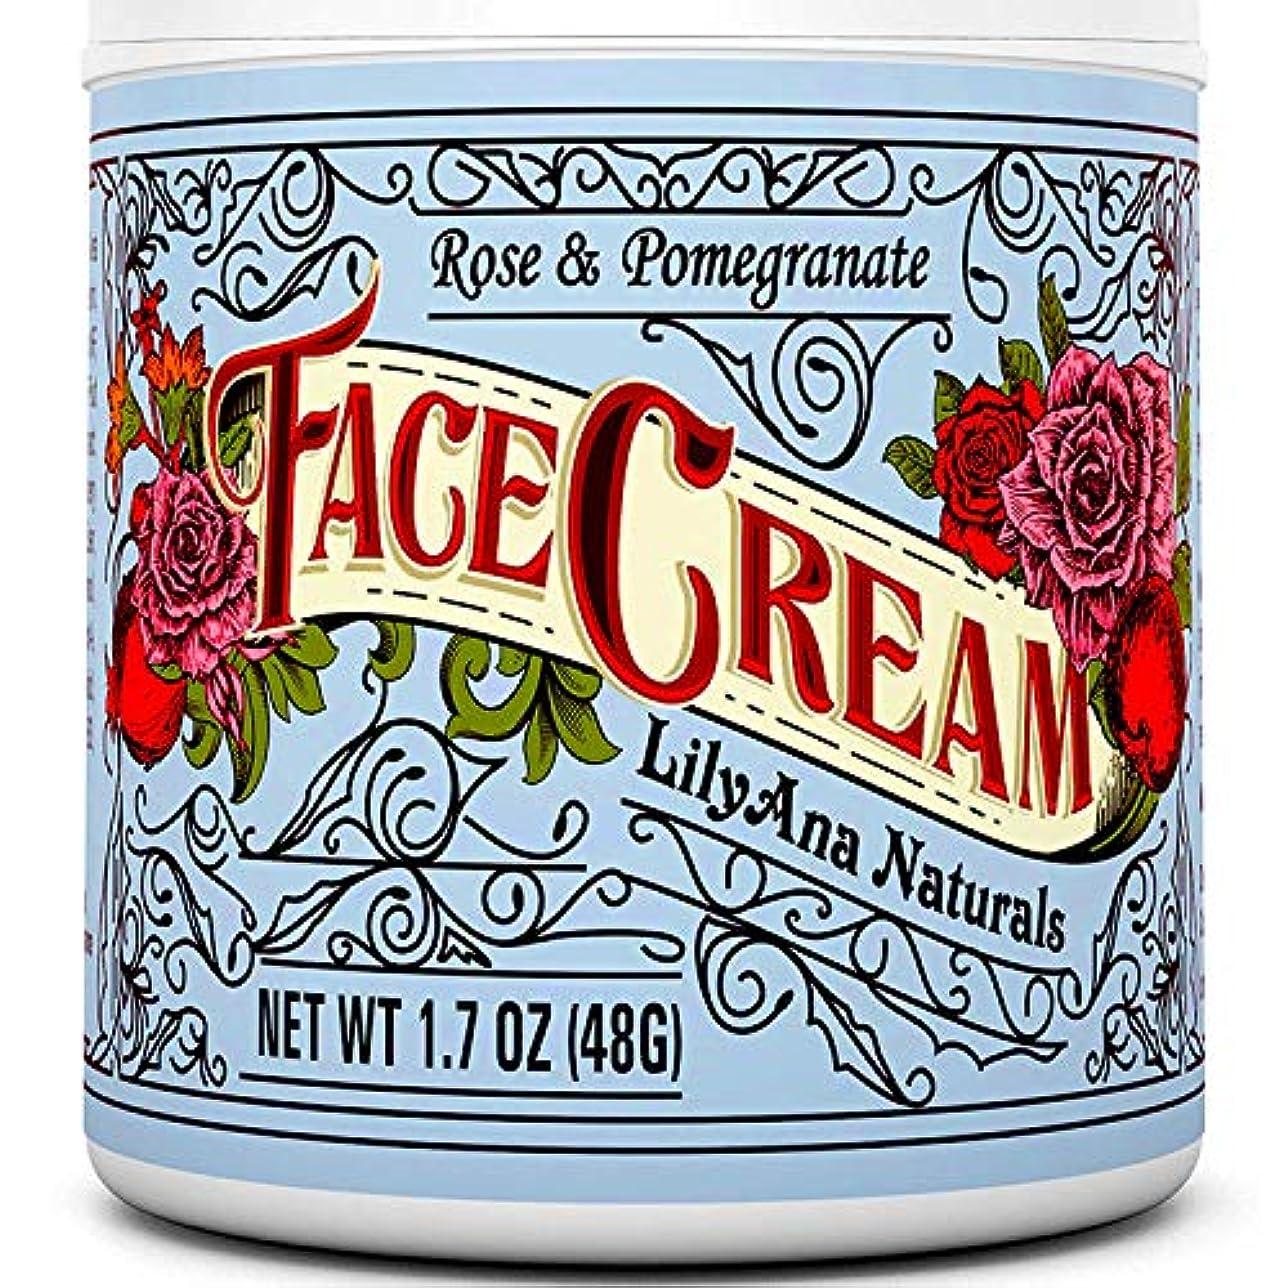 私司令官説教するLilyAna Naturals 社 (リリーアナ?ナチュラルズ) モイスチャークリーム Face Cream Moisturizer (1.7 OZ) 日本語説明書き付 [並行輸入品]